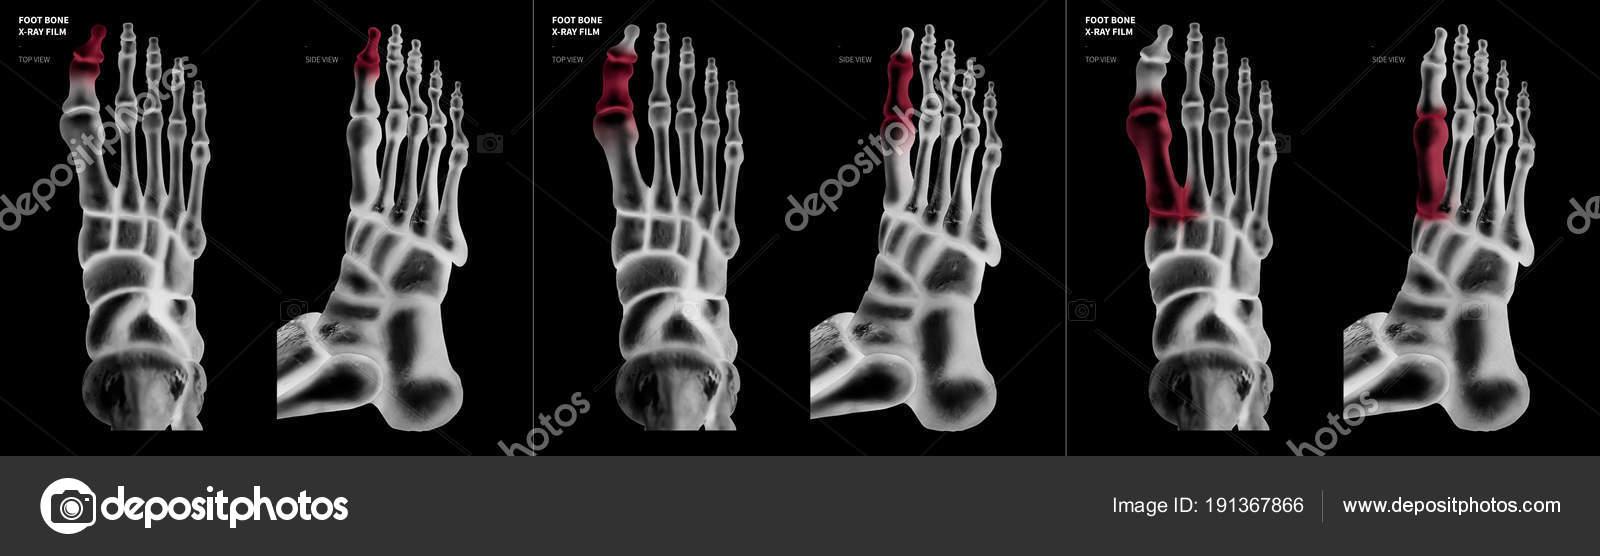 Colección de películas de rayos x del dedo gordo pie hueso con ...